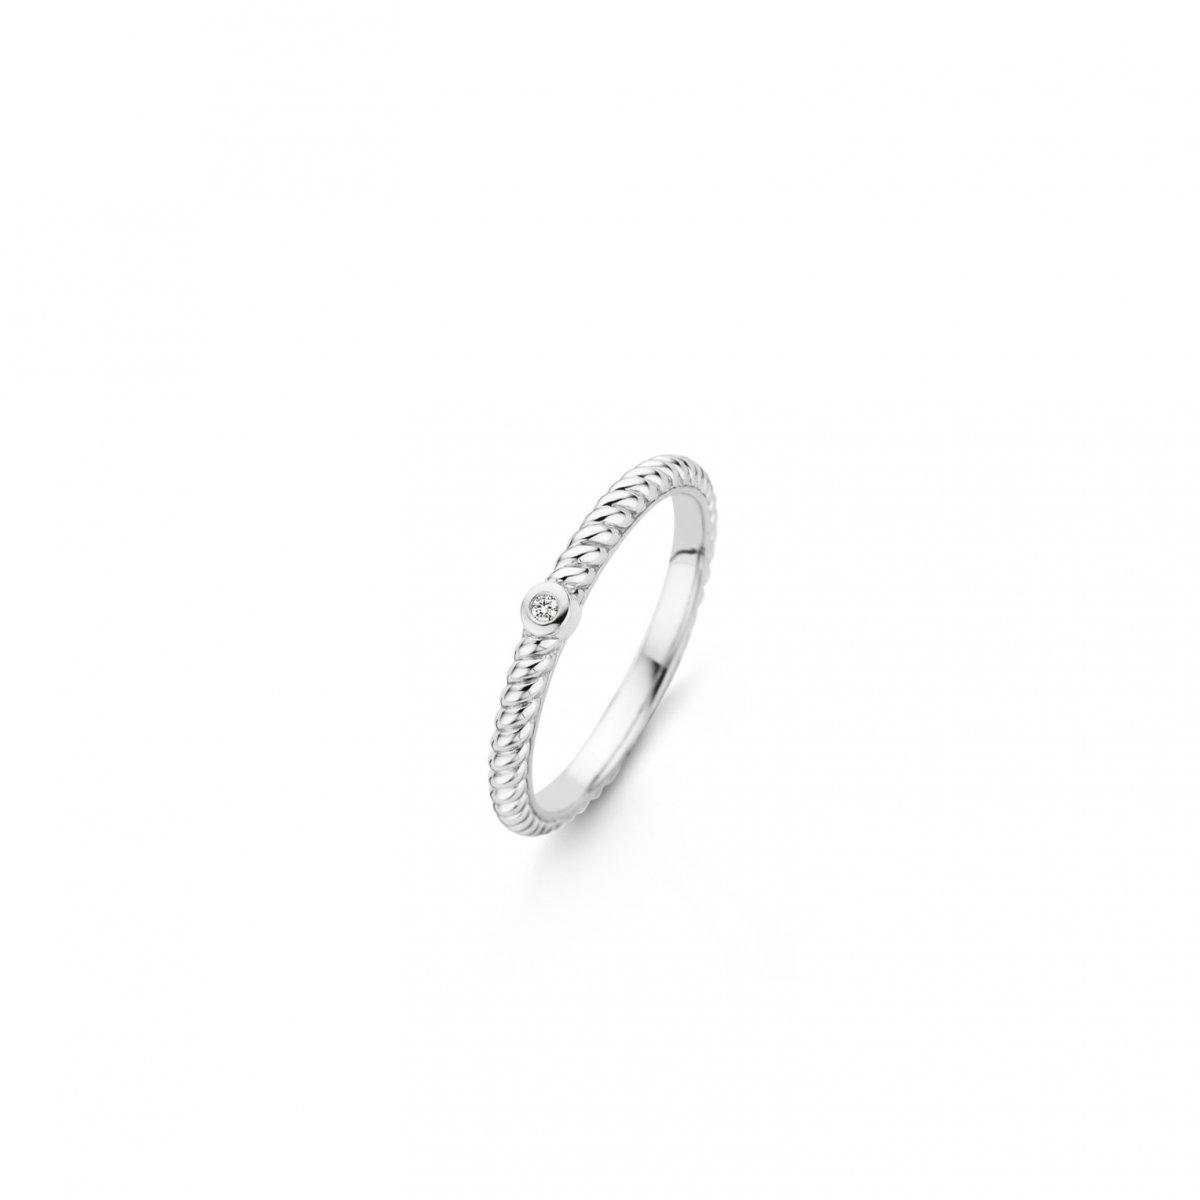 Strieborný prsteň TI SENTO so zirkónom